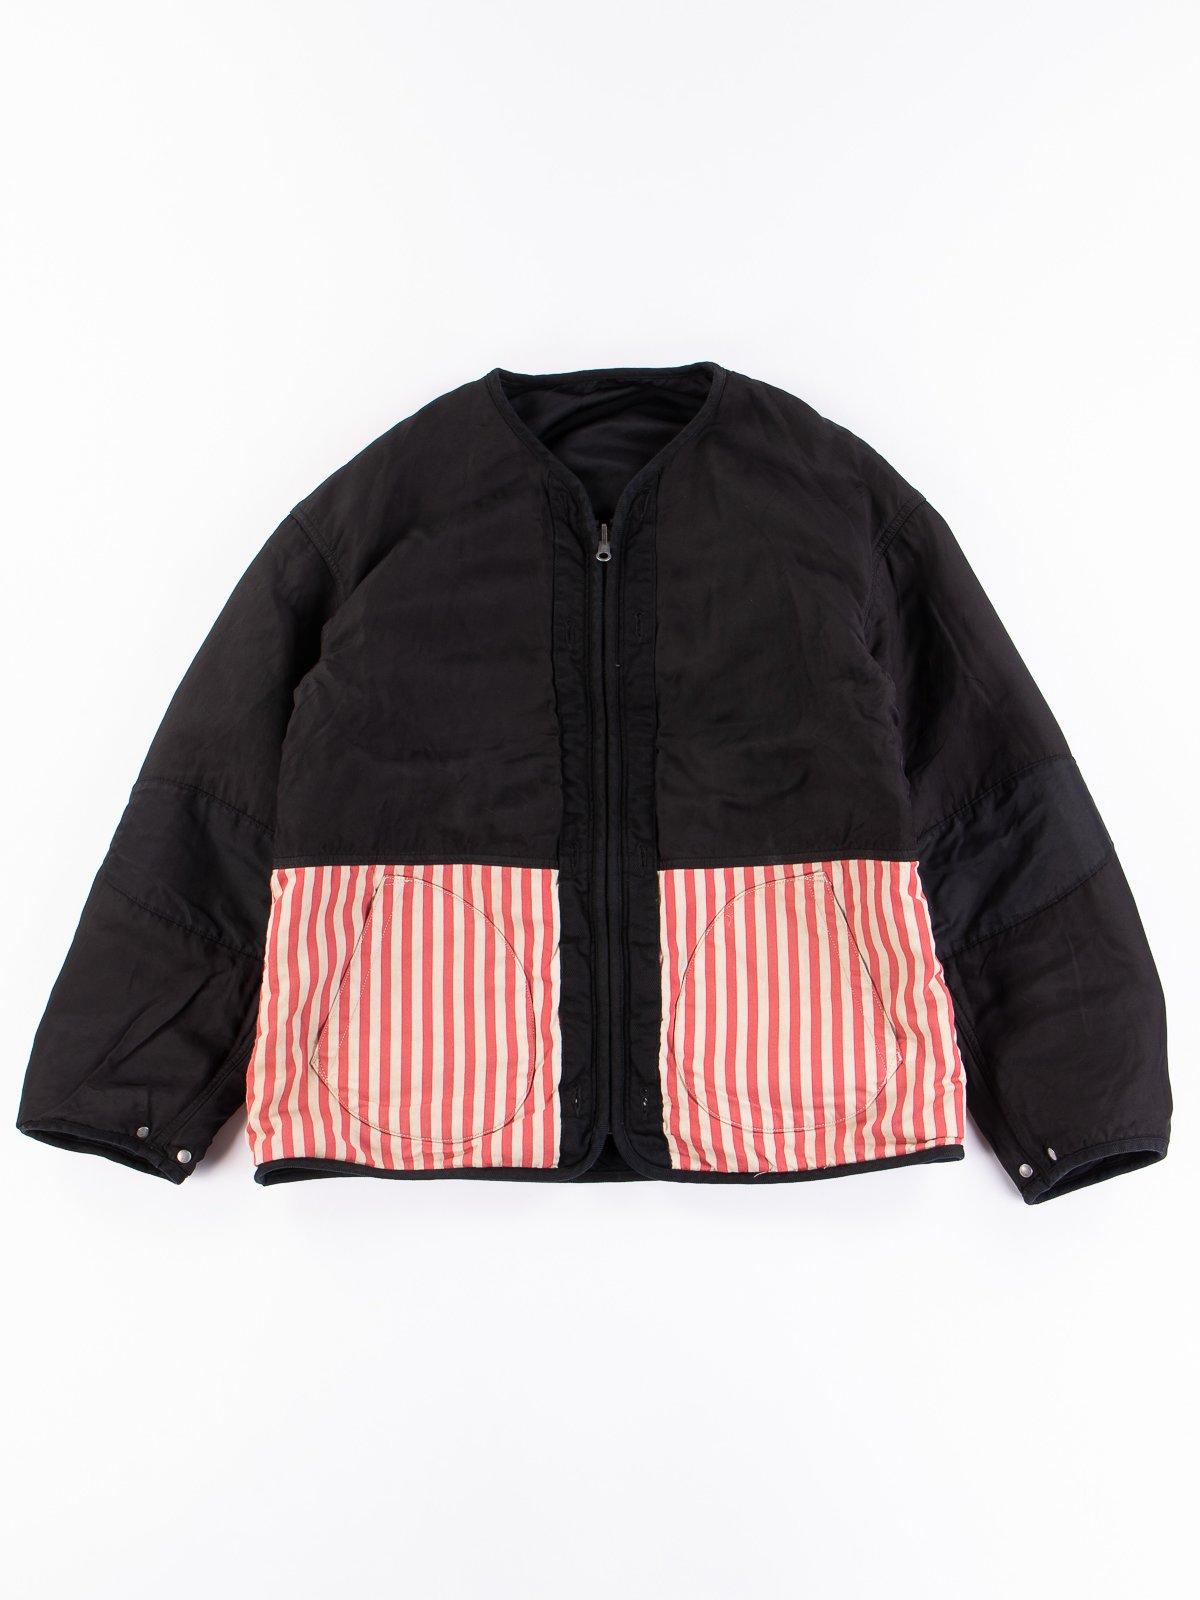 Black Iris Liner Jacket - Image 6